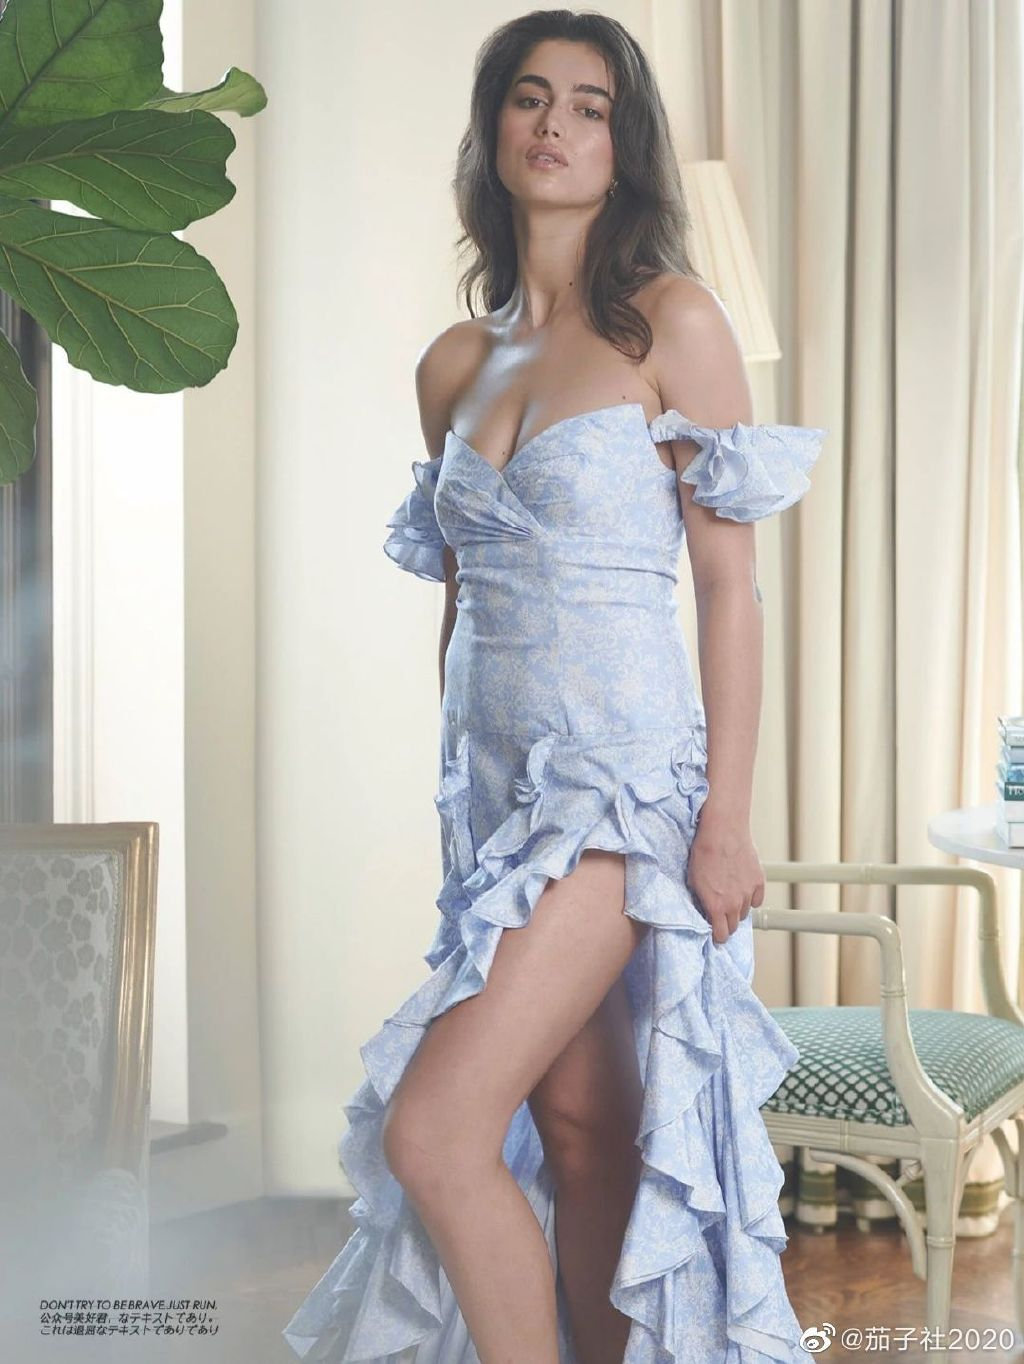 模特Maia Cotton:来自新西兰的非凡身材 男人文娱 热图12